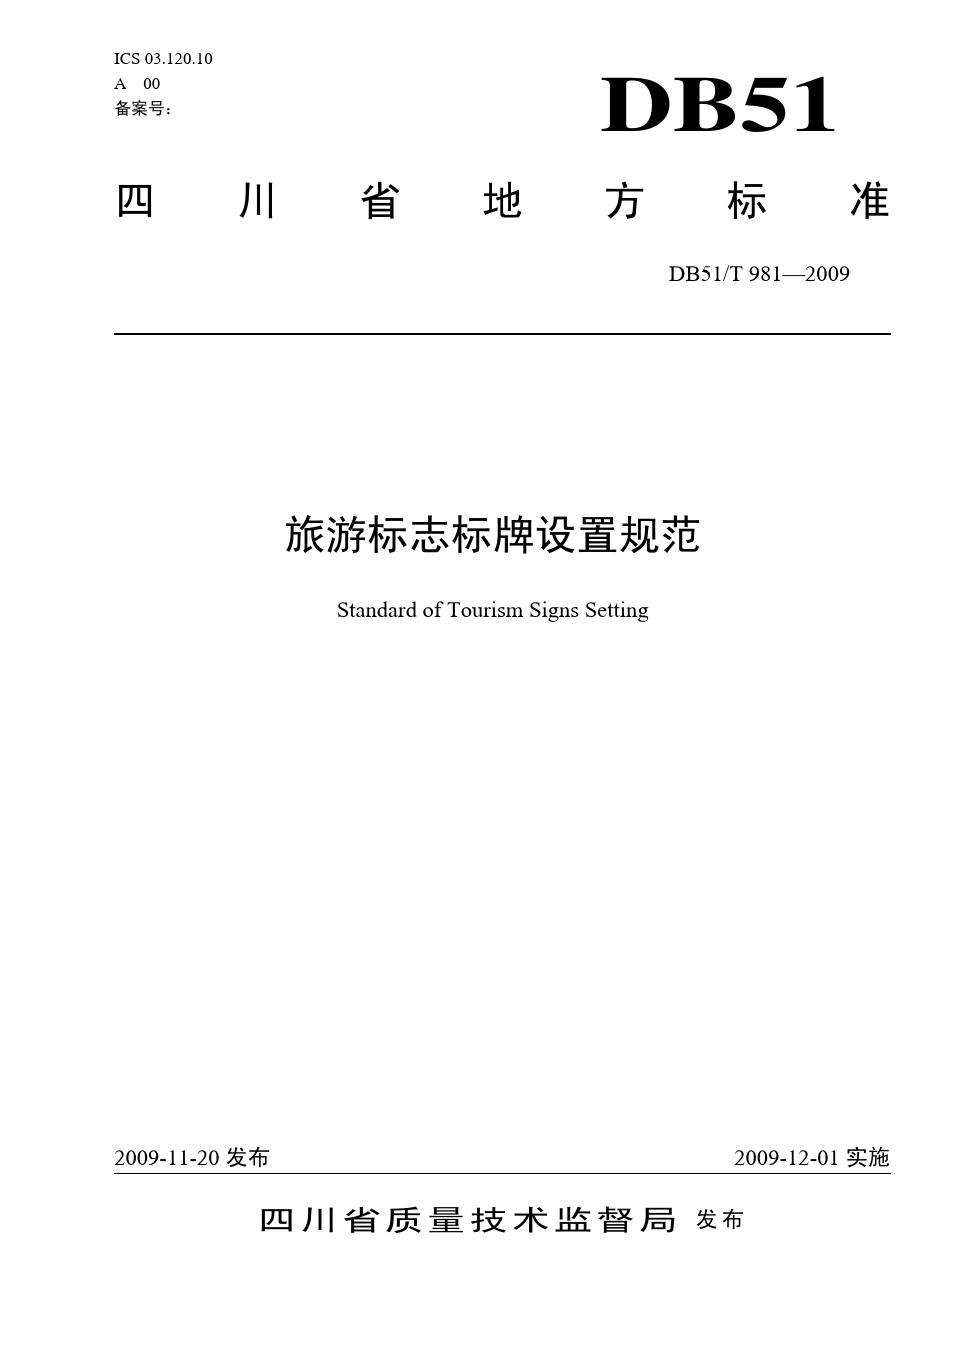 四川省旅游标志标牌设置标准